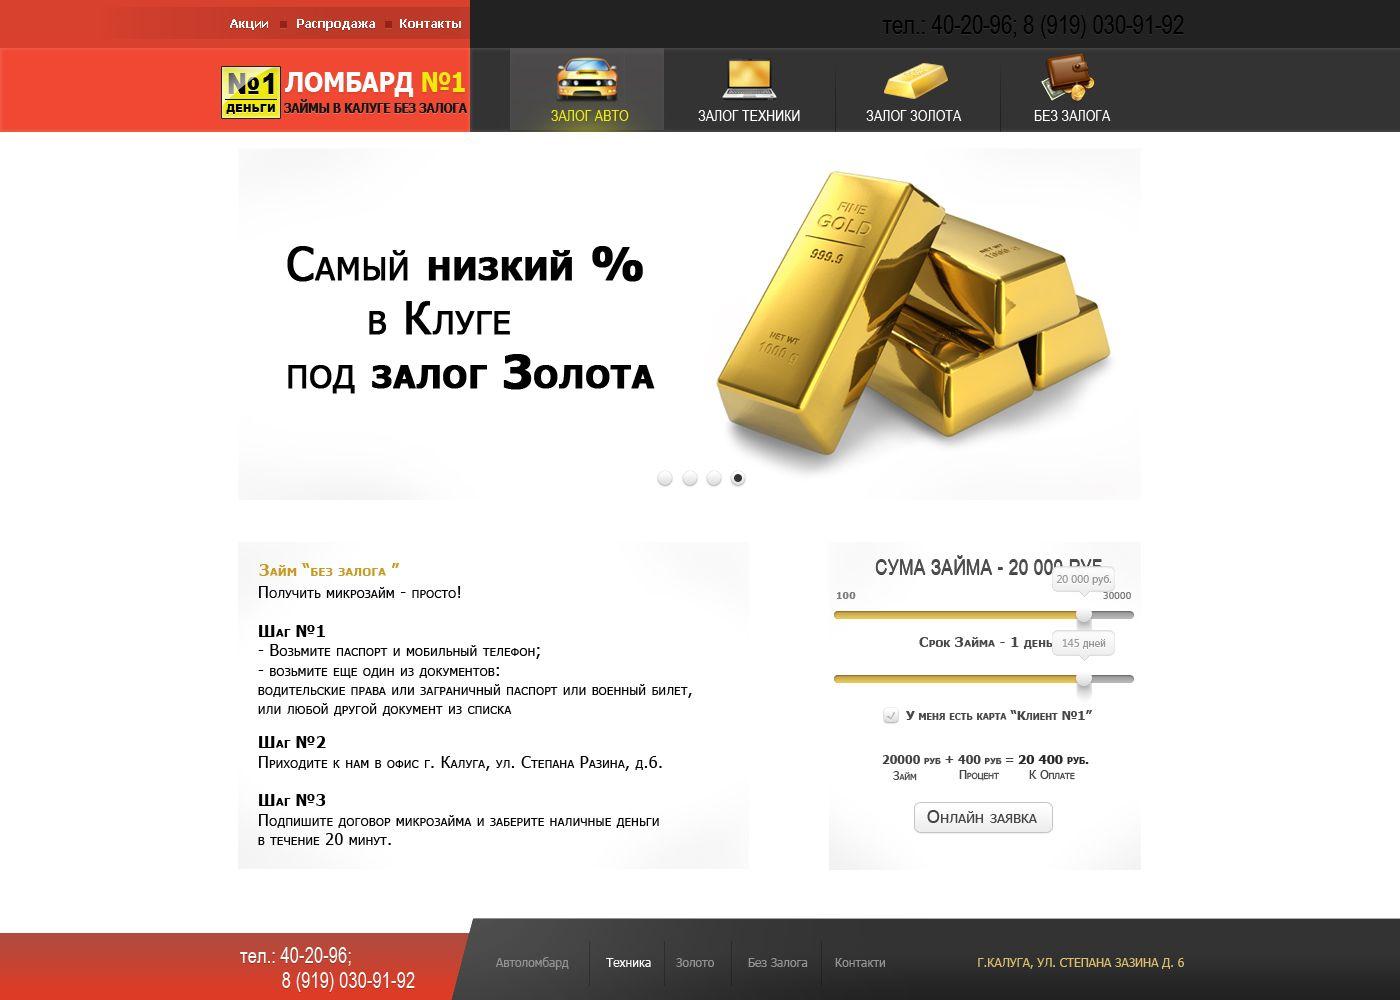 Дизайн главной страницы сайта Ломбард №1 - дизайнер Tklime